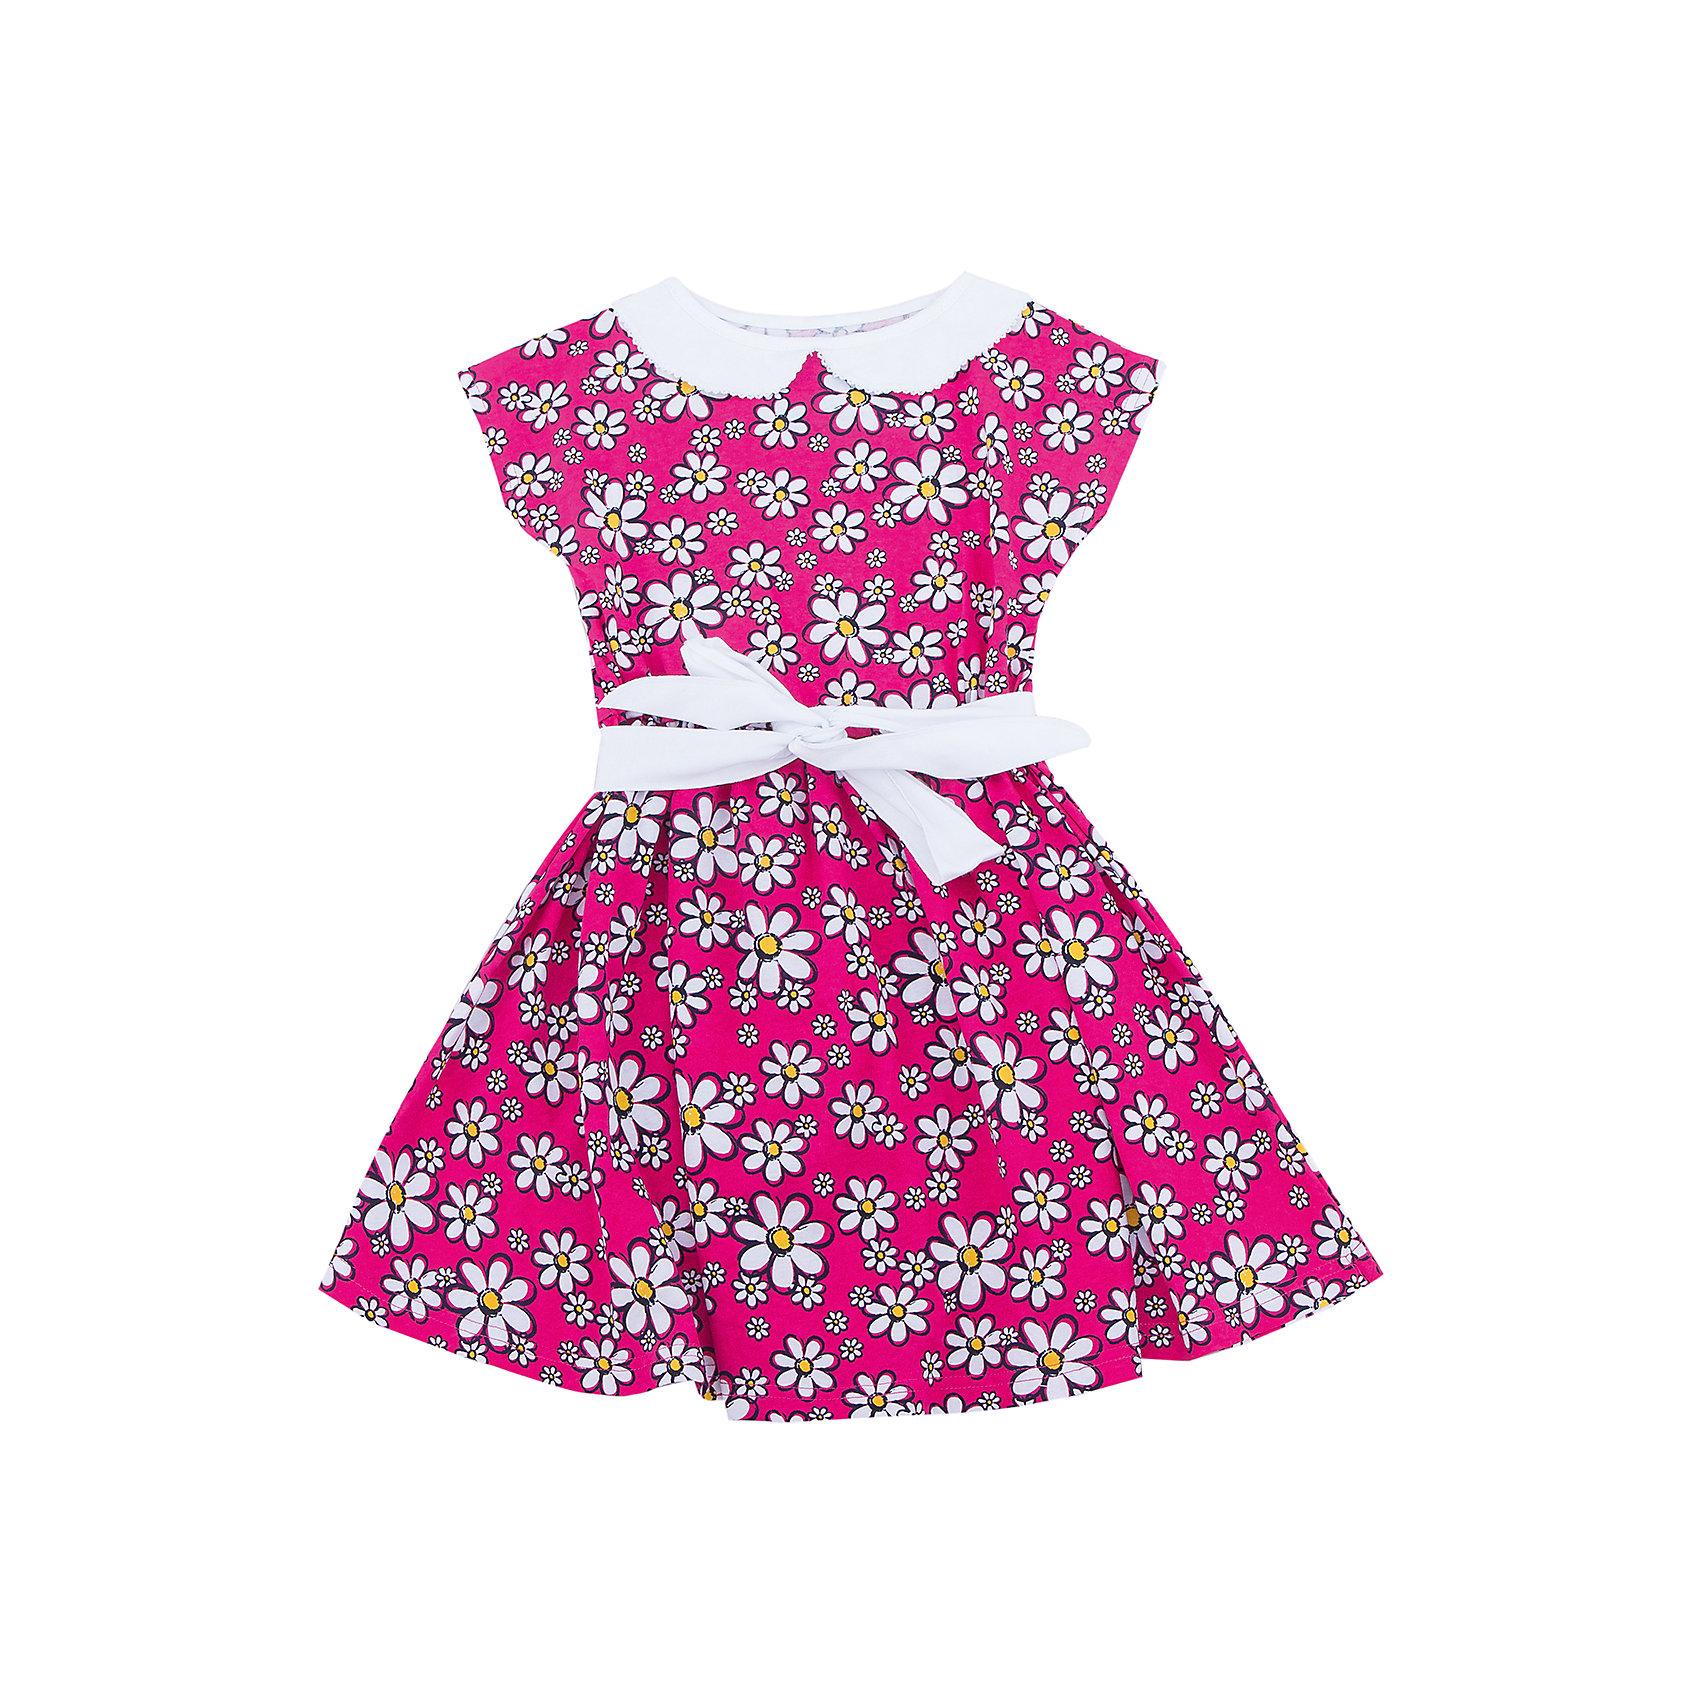 Платье для девочки АпрельПлатья и сарафаны<br>Платье для девочки Апрель.<br>Состав:<br>хлопок 100%<br><br>Ширина мм: 236<br>Глубина мм: 16<br>Высота мм: 184<br>Вес г: 177<br>Цвет: розовый<br>Возраст от месяцев: 60<br>Возраст до месяцев: 72<br>Пол: Женский<br>Возраст: Детский<br>Размер: 116,110,104,98,140,134,128,122<br>SKU: 5515937